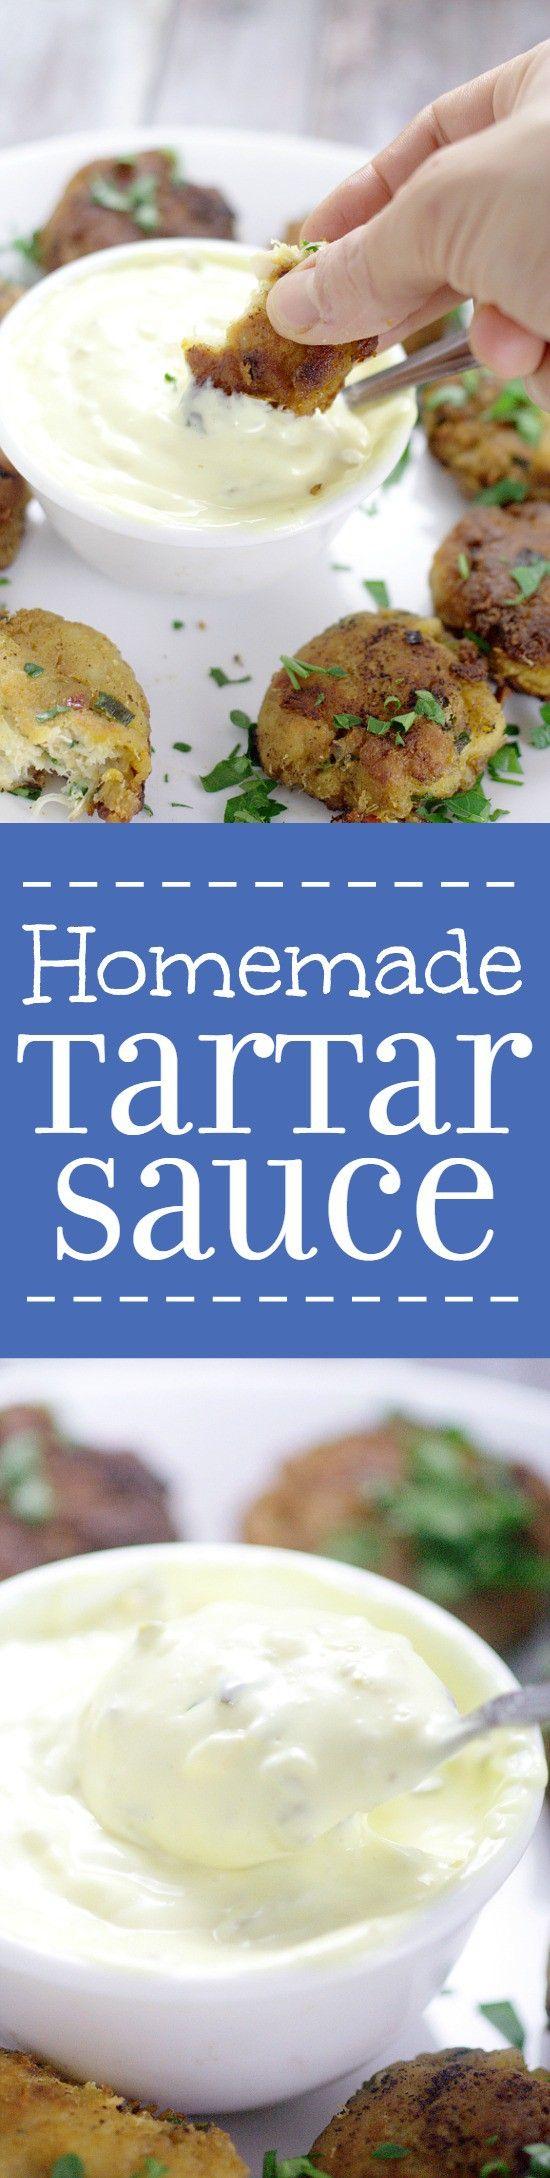 Zelfgemaakte Tartaarsaus is super makkelijk te maken!  Maak deze romige, pittige Homemade Tartaarsaus recept in slechts 5 minuten om perfect te gaan met uw favoriete visgerecht!  Yum!